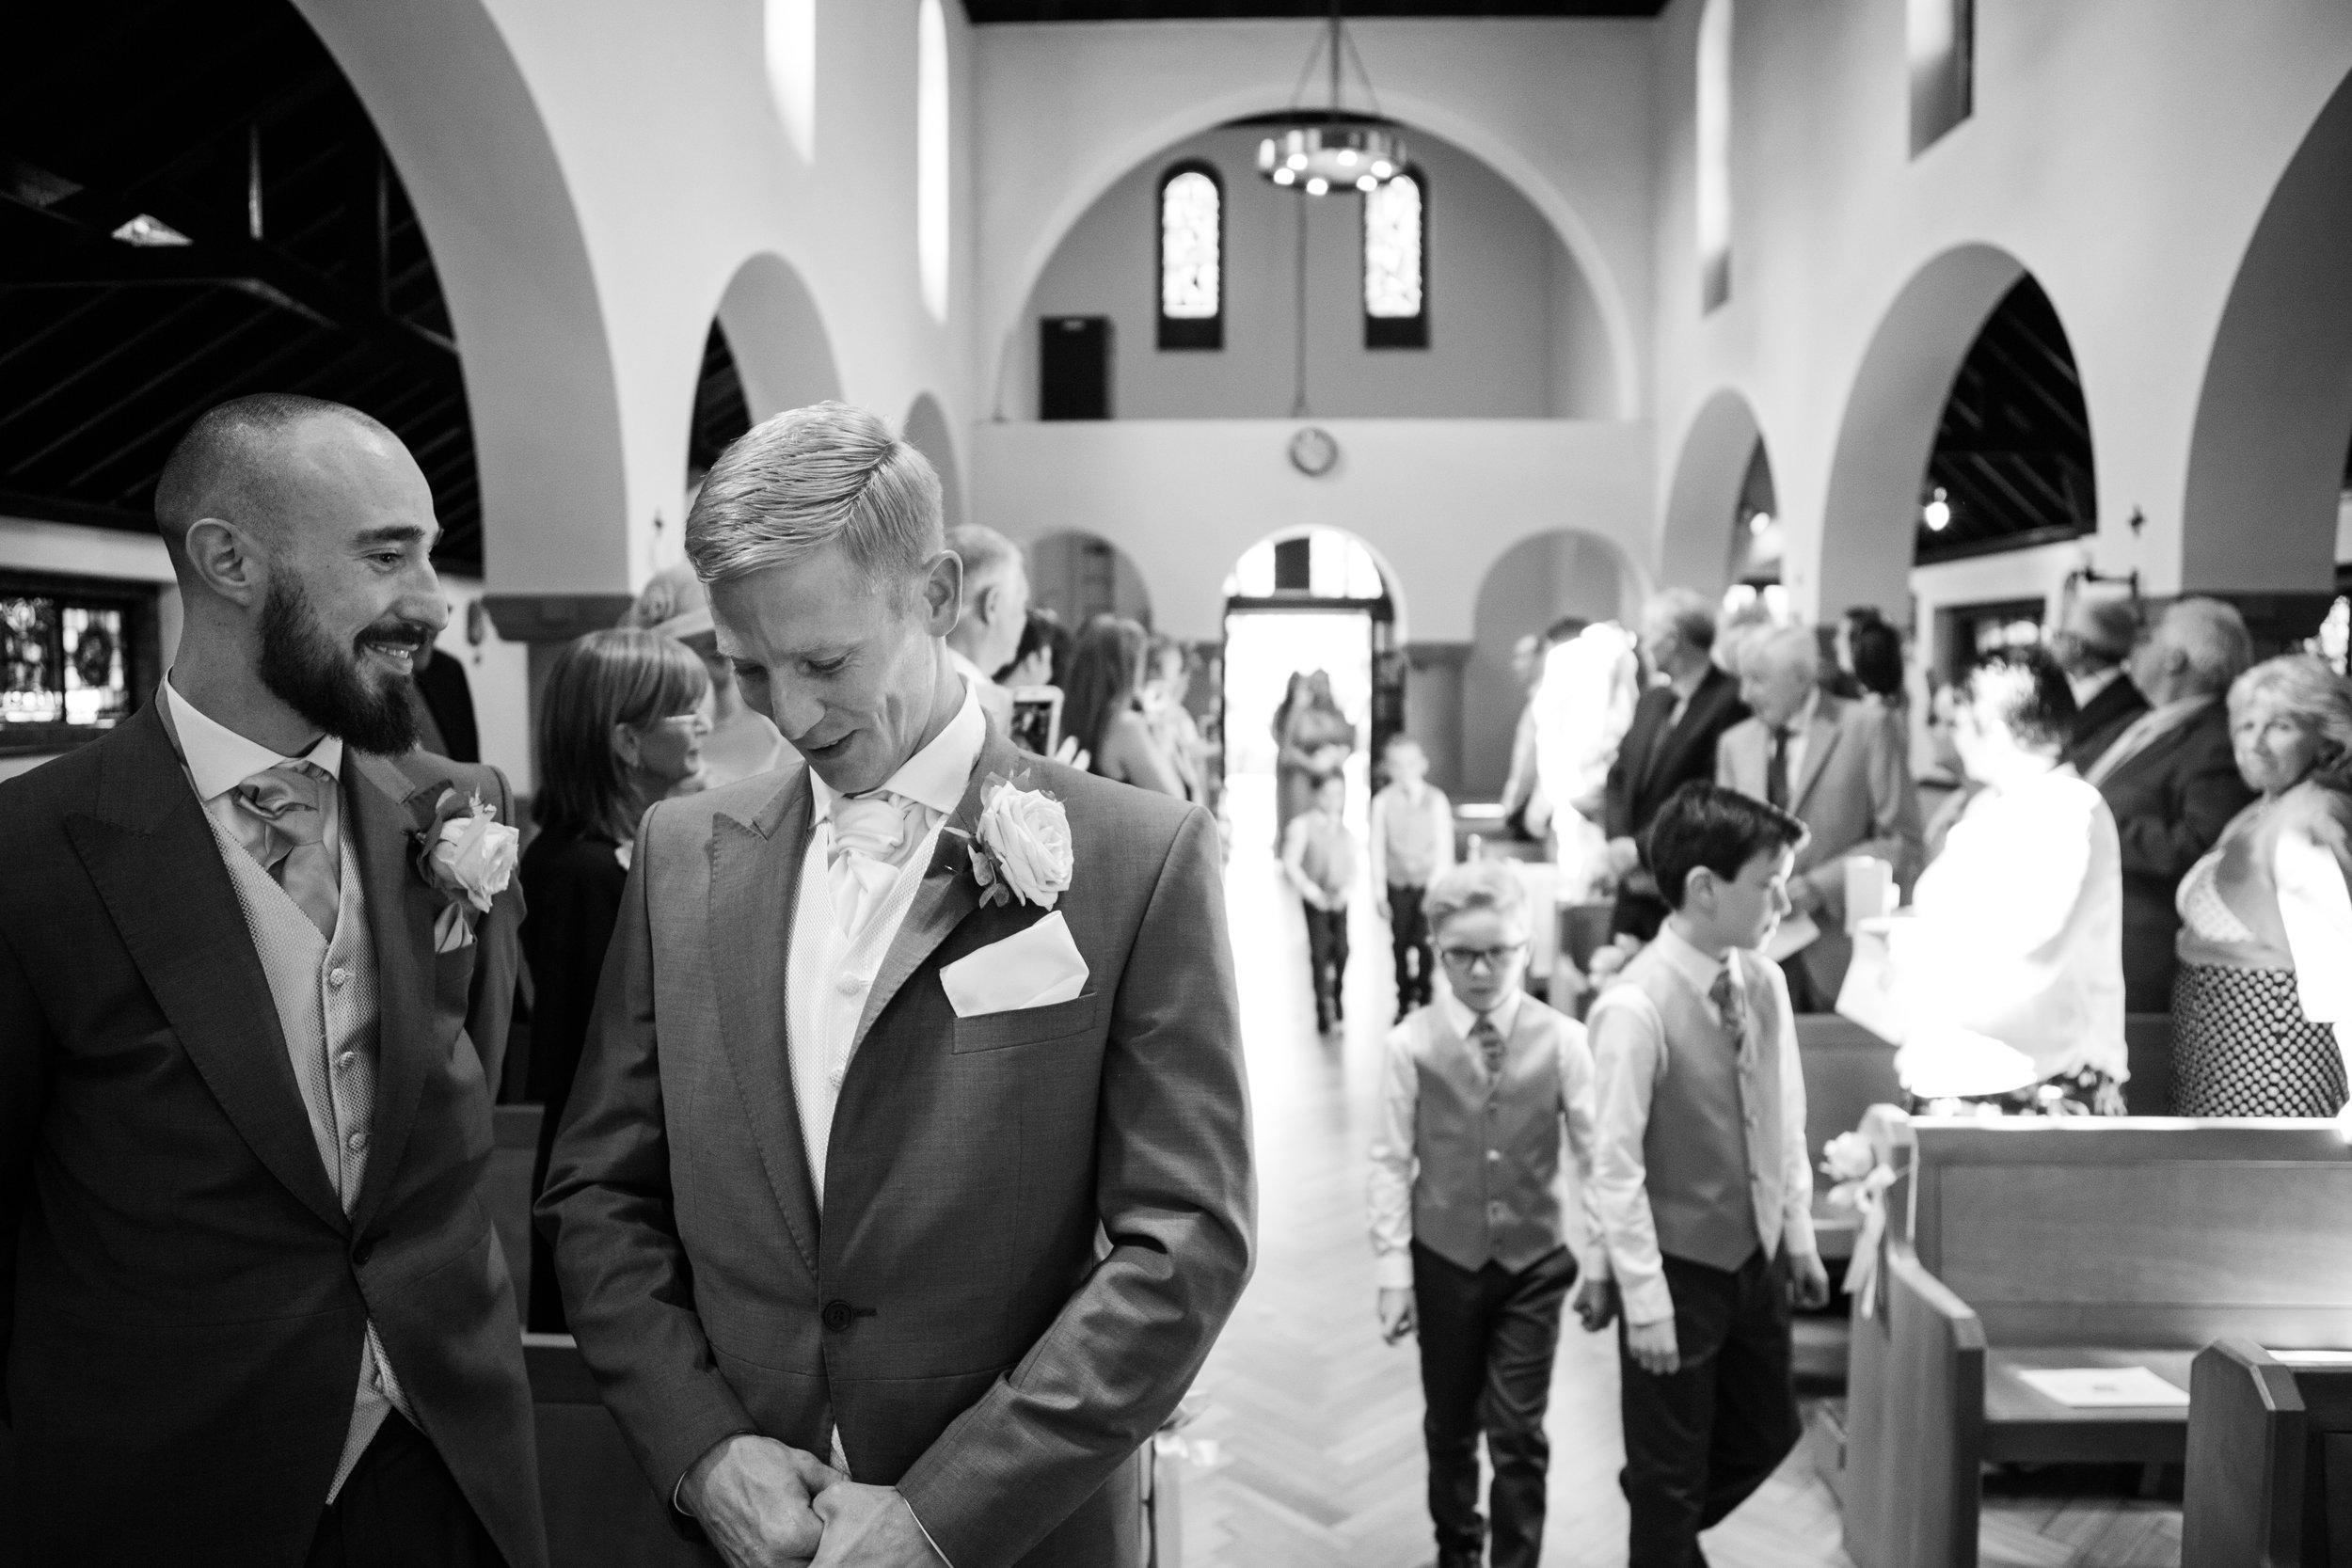 hitchin-hertfordshire-london-wedding-photography-catholic-ceremony-22